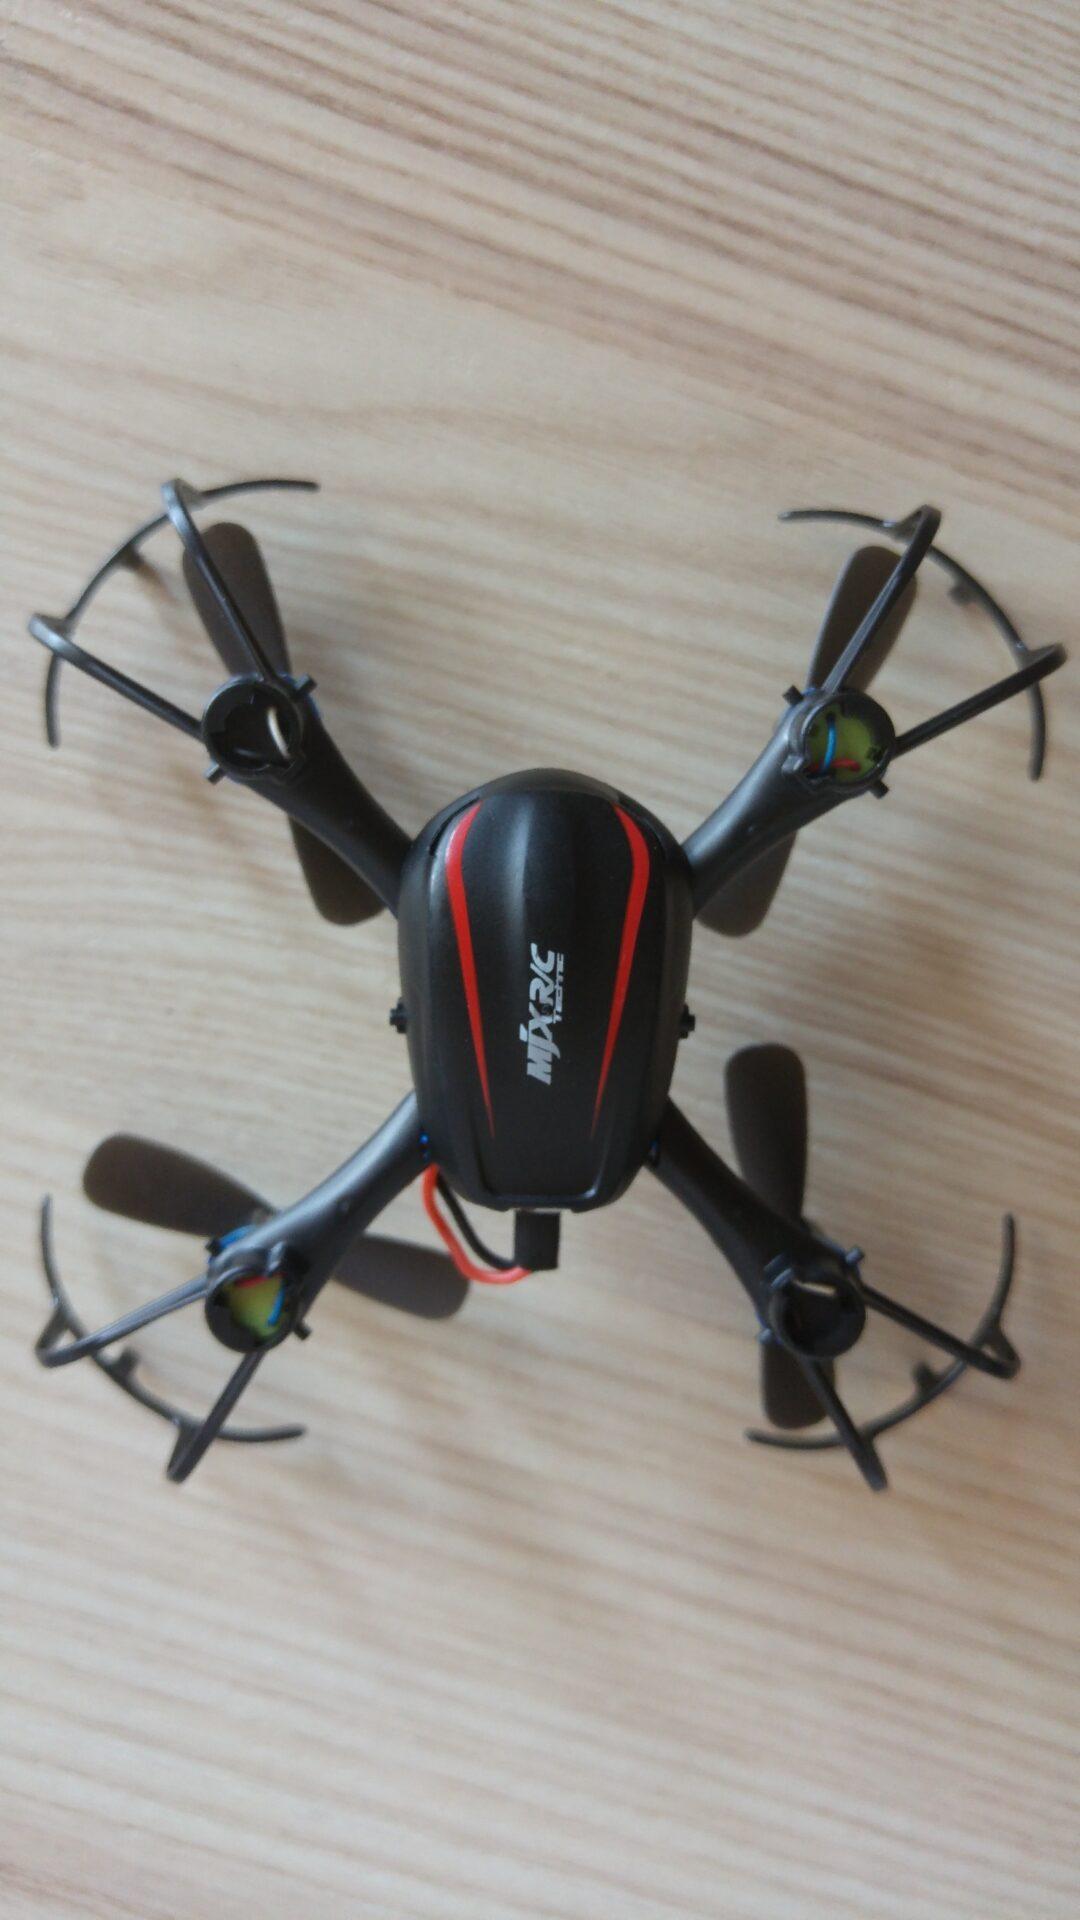 La mia recensione di MJX X902 Mini RC Quadcopter elicottero Giocattoli Flip 3D Drone